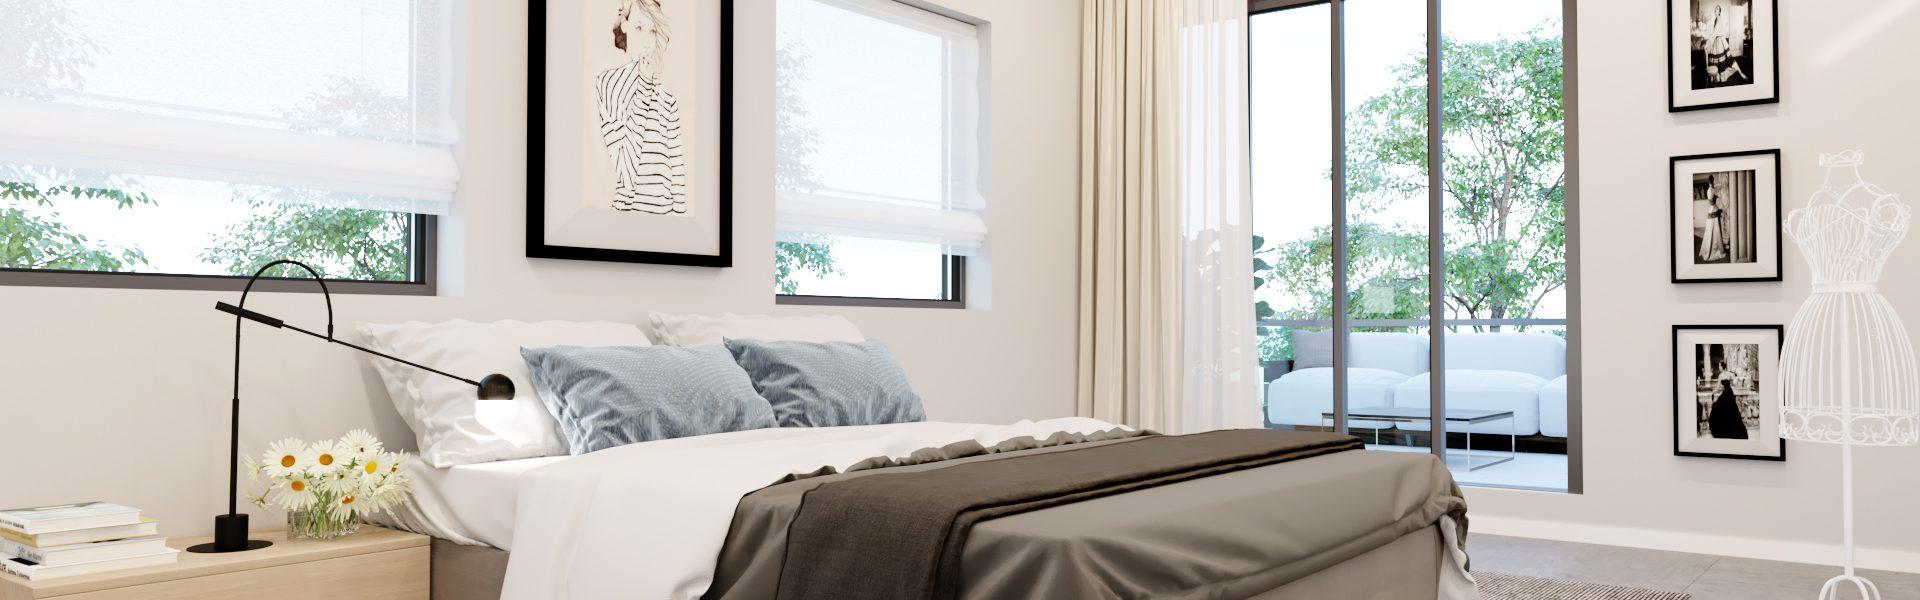 דגם רומי - חדר שינה